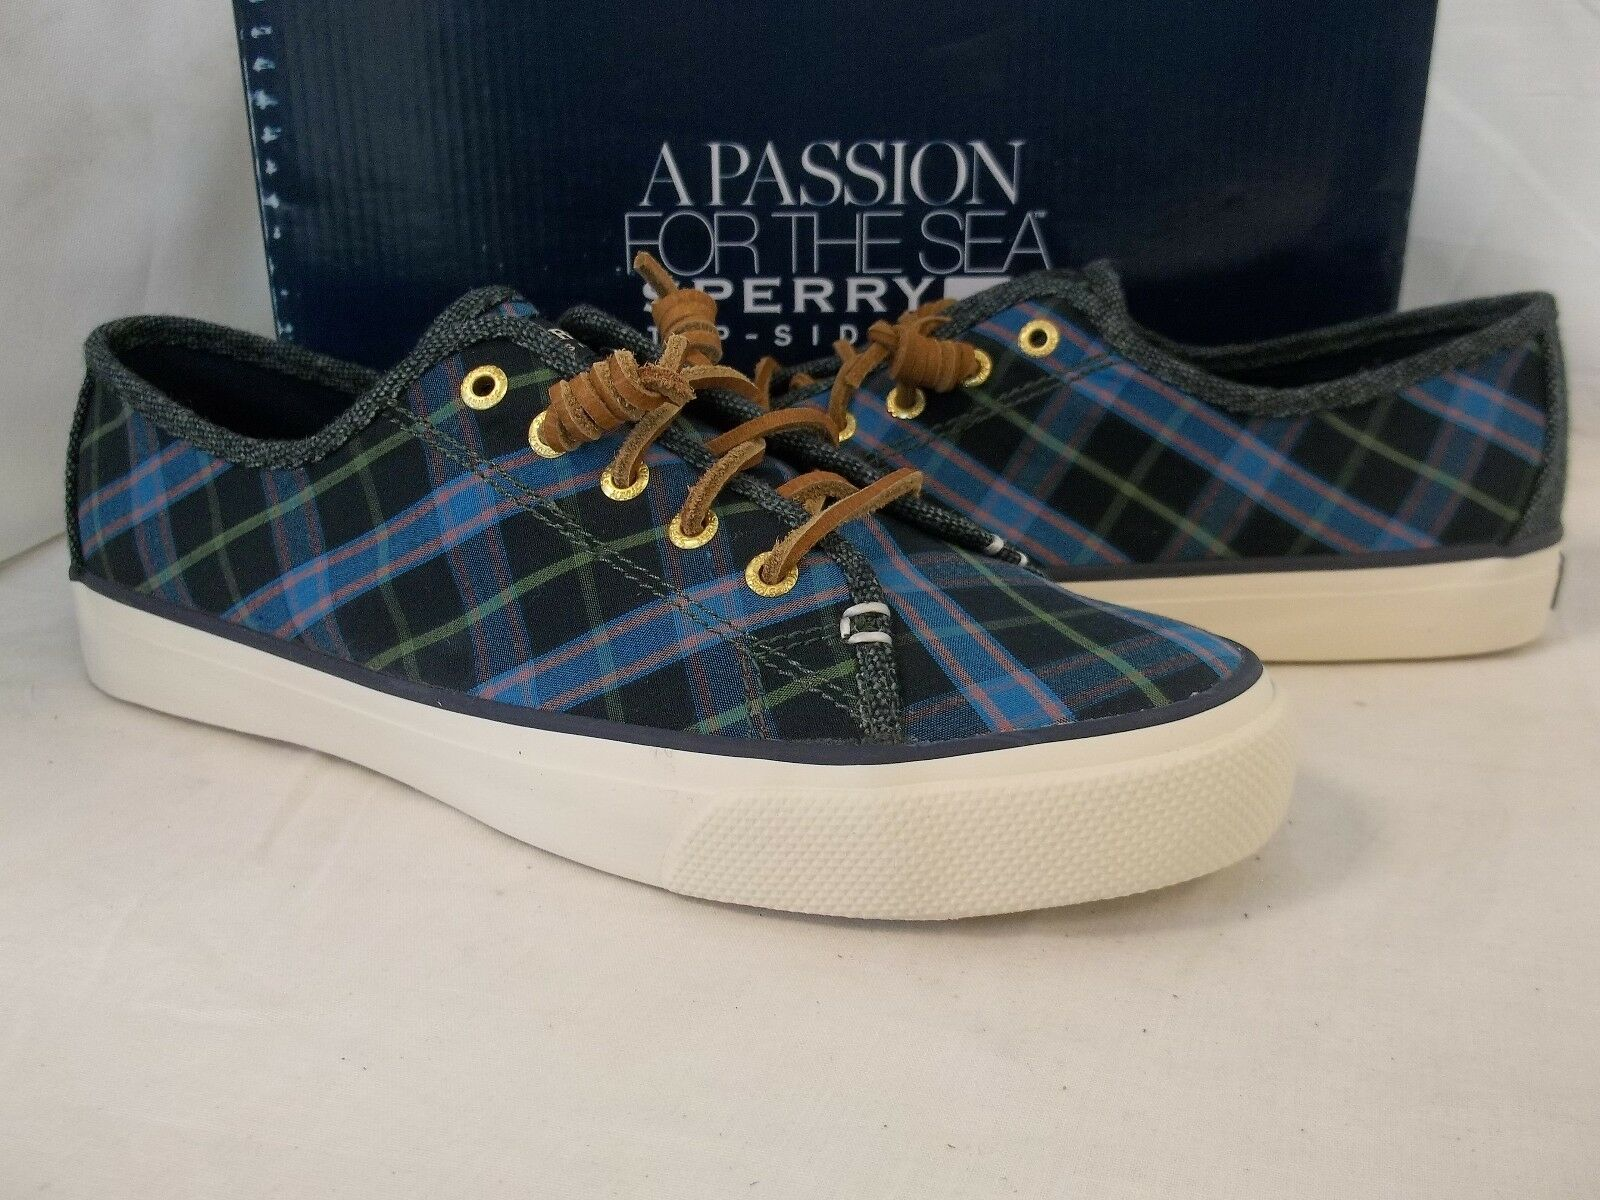 la mejor selección de Sperry Top Sider 8 M Costa azul ultramarino Nuevos Mujer Mujer Mujer Zapatos Tenis De Moda  el estilo clásico